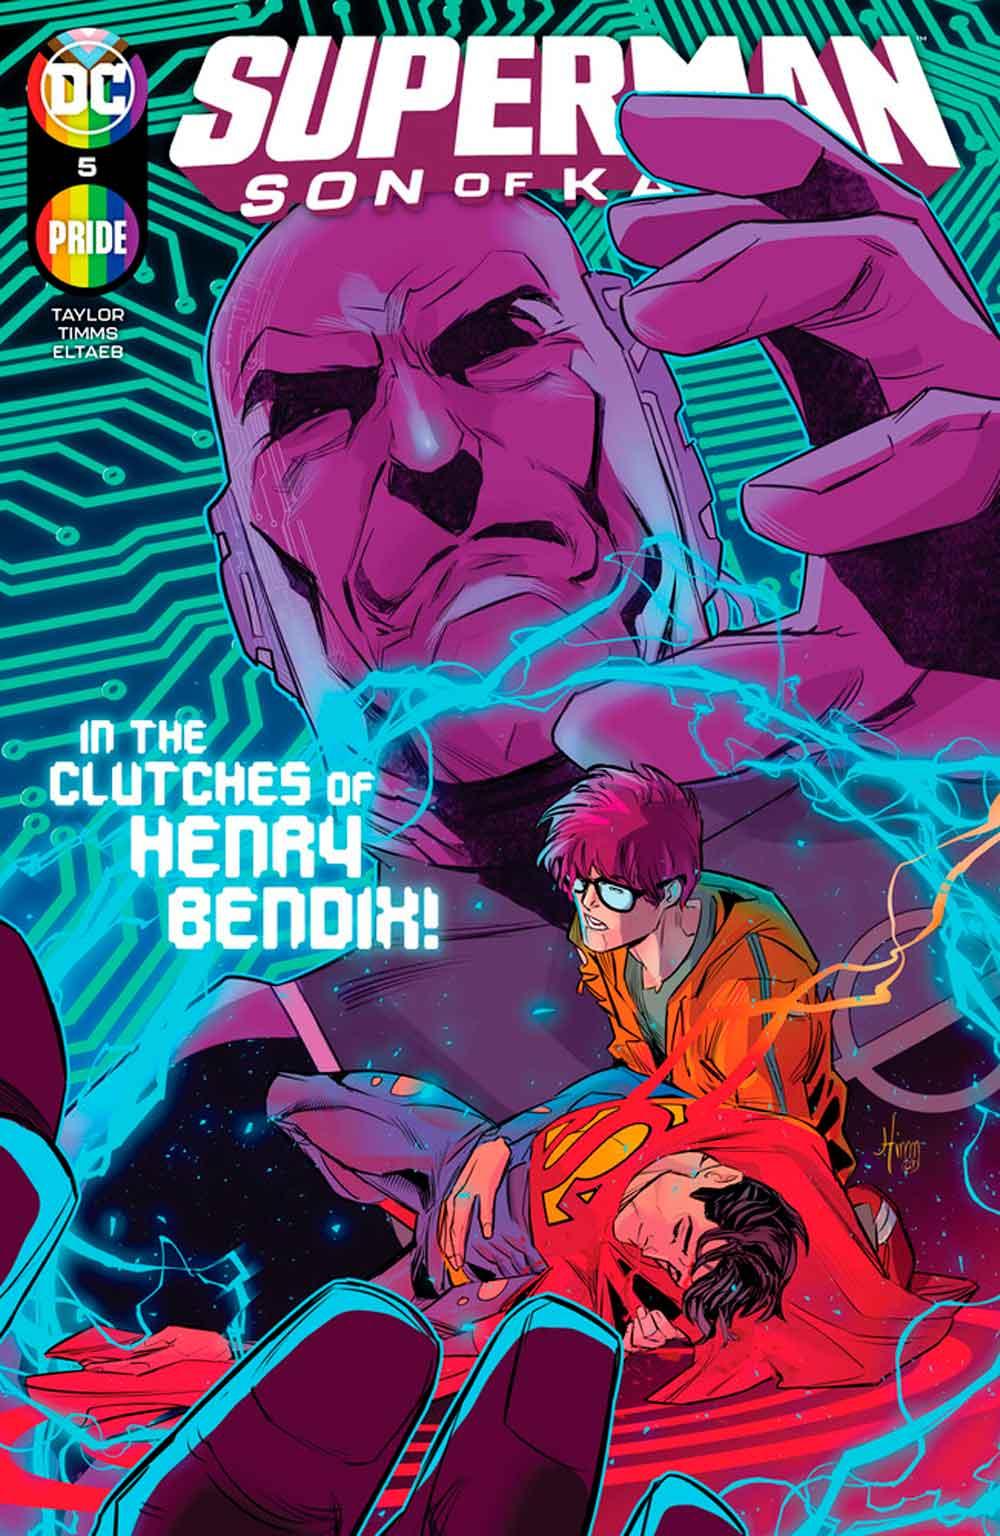 Superman: Son of Kal-El # 5